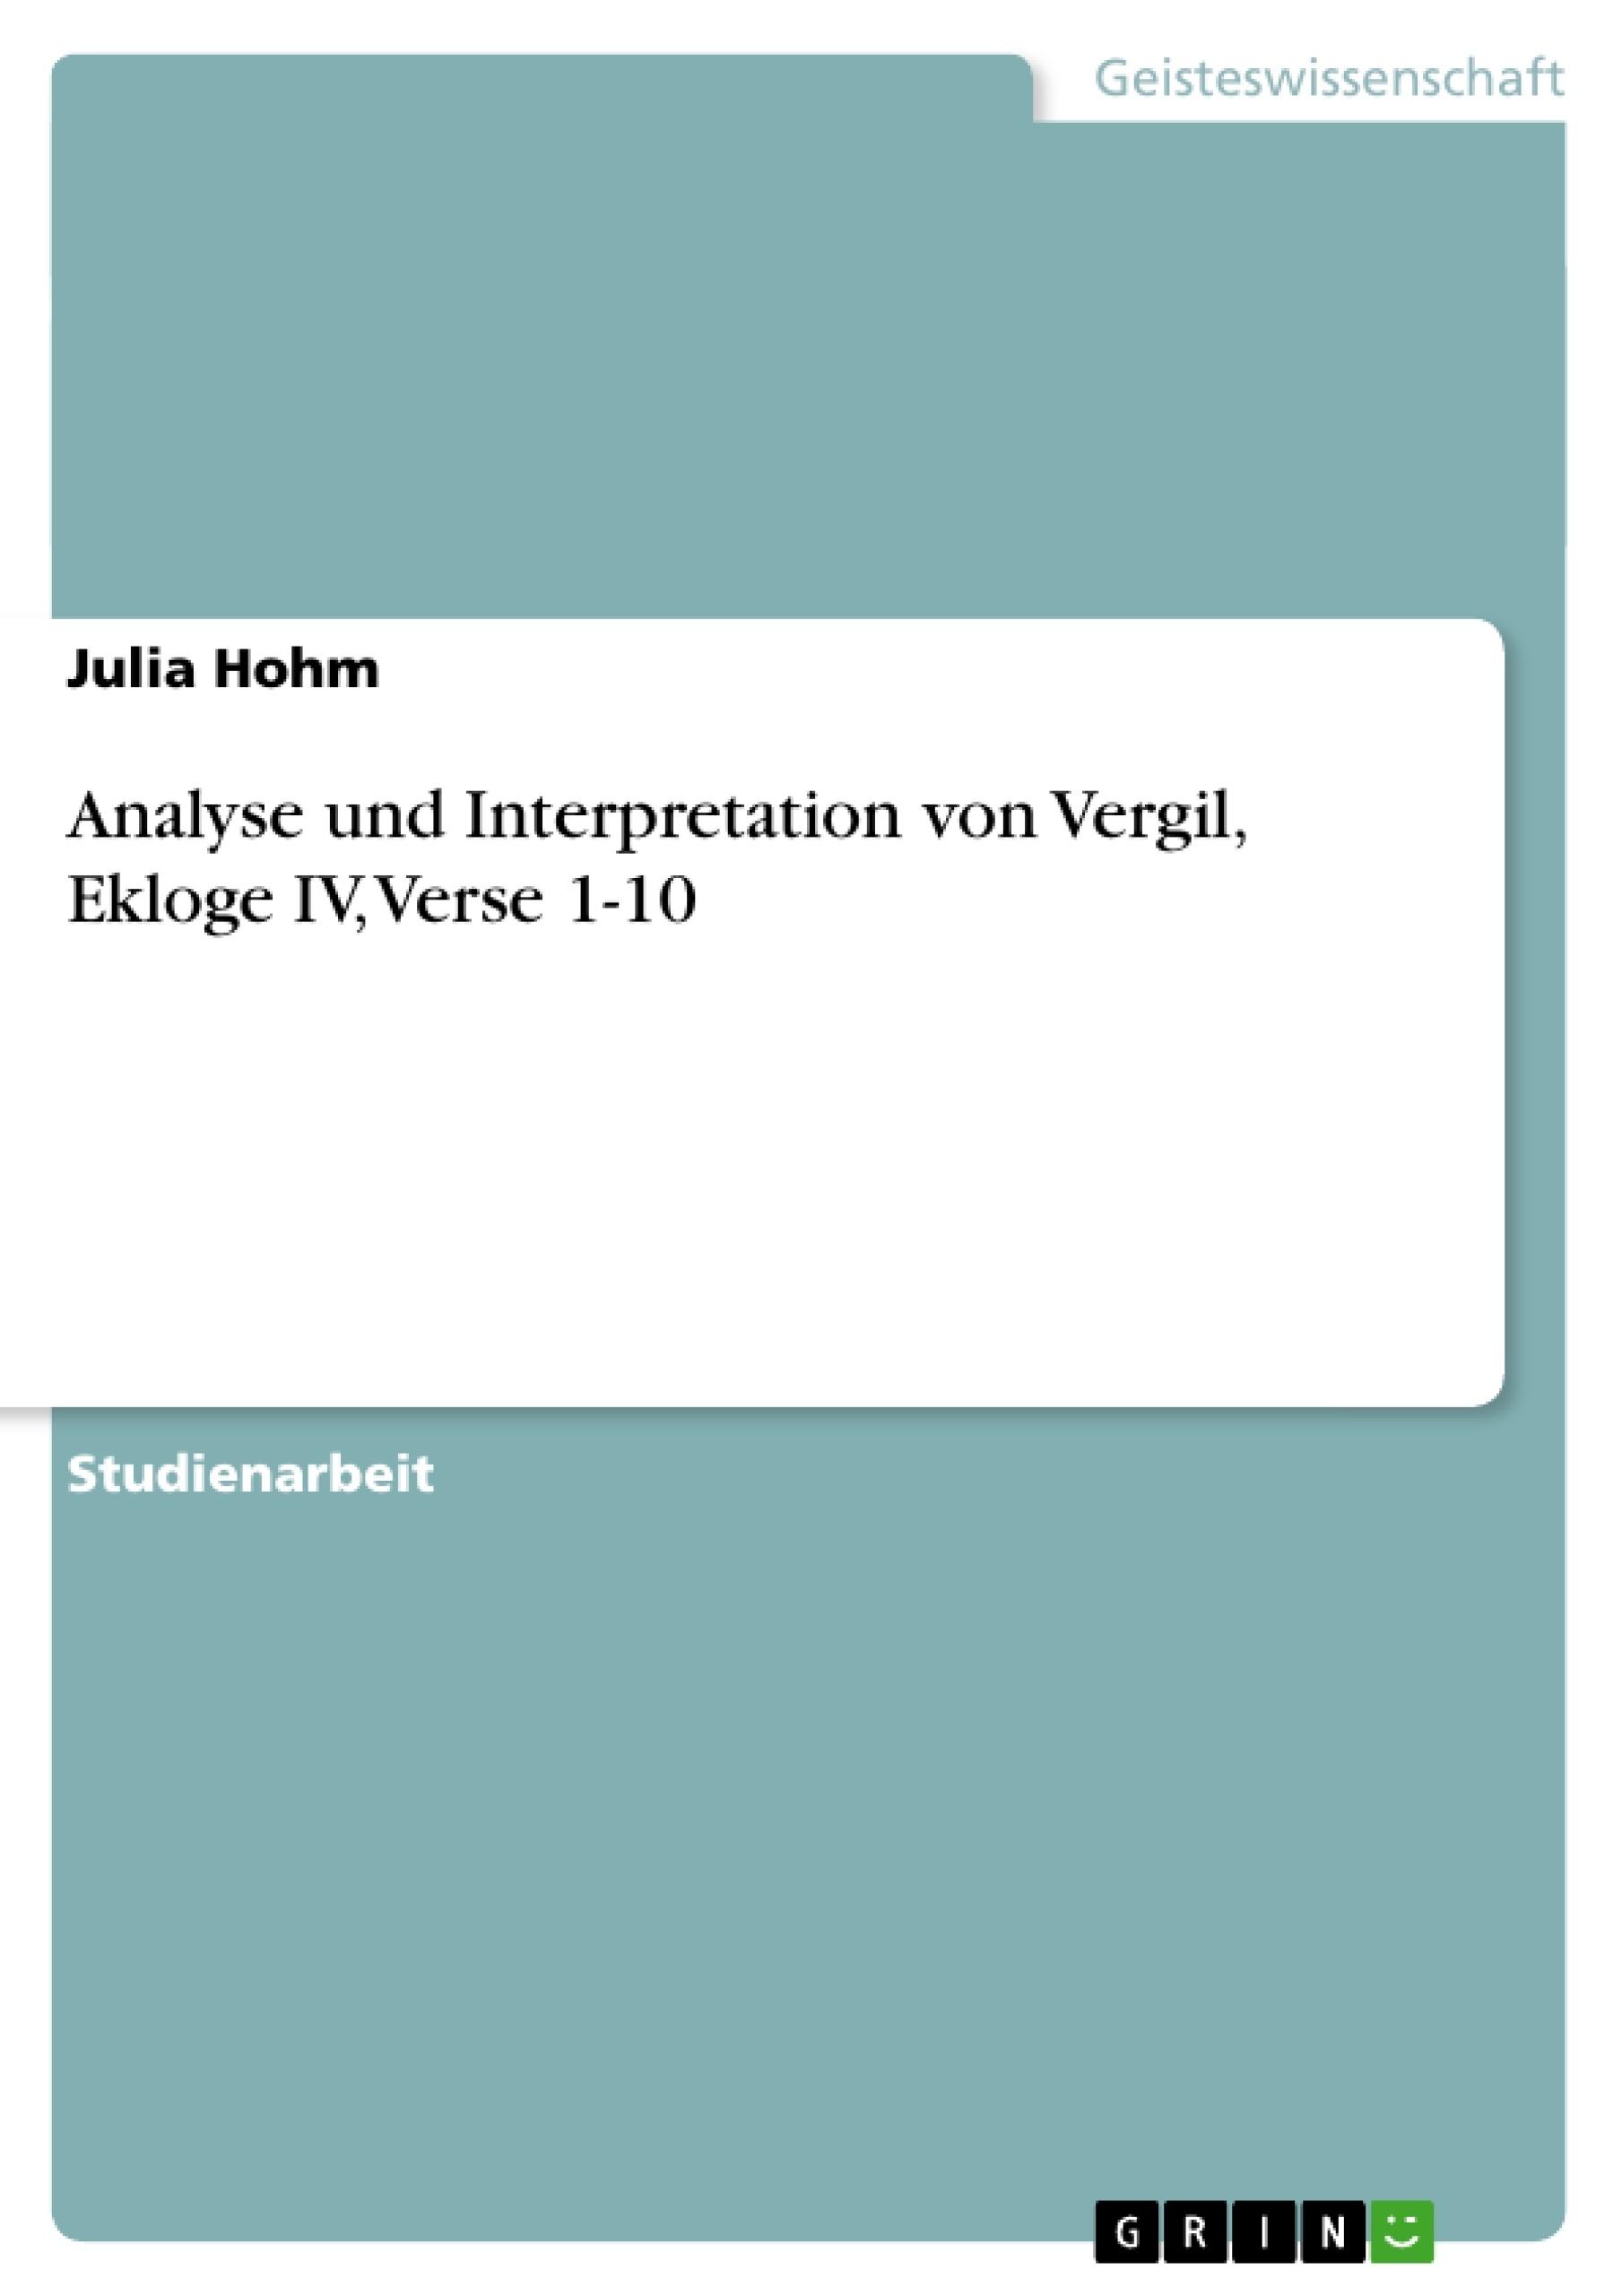 Titel: Analyse und Interpretation von Vergil, Ekloge IV, Verse 1-10